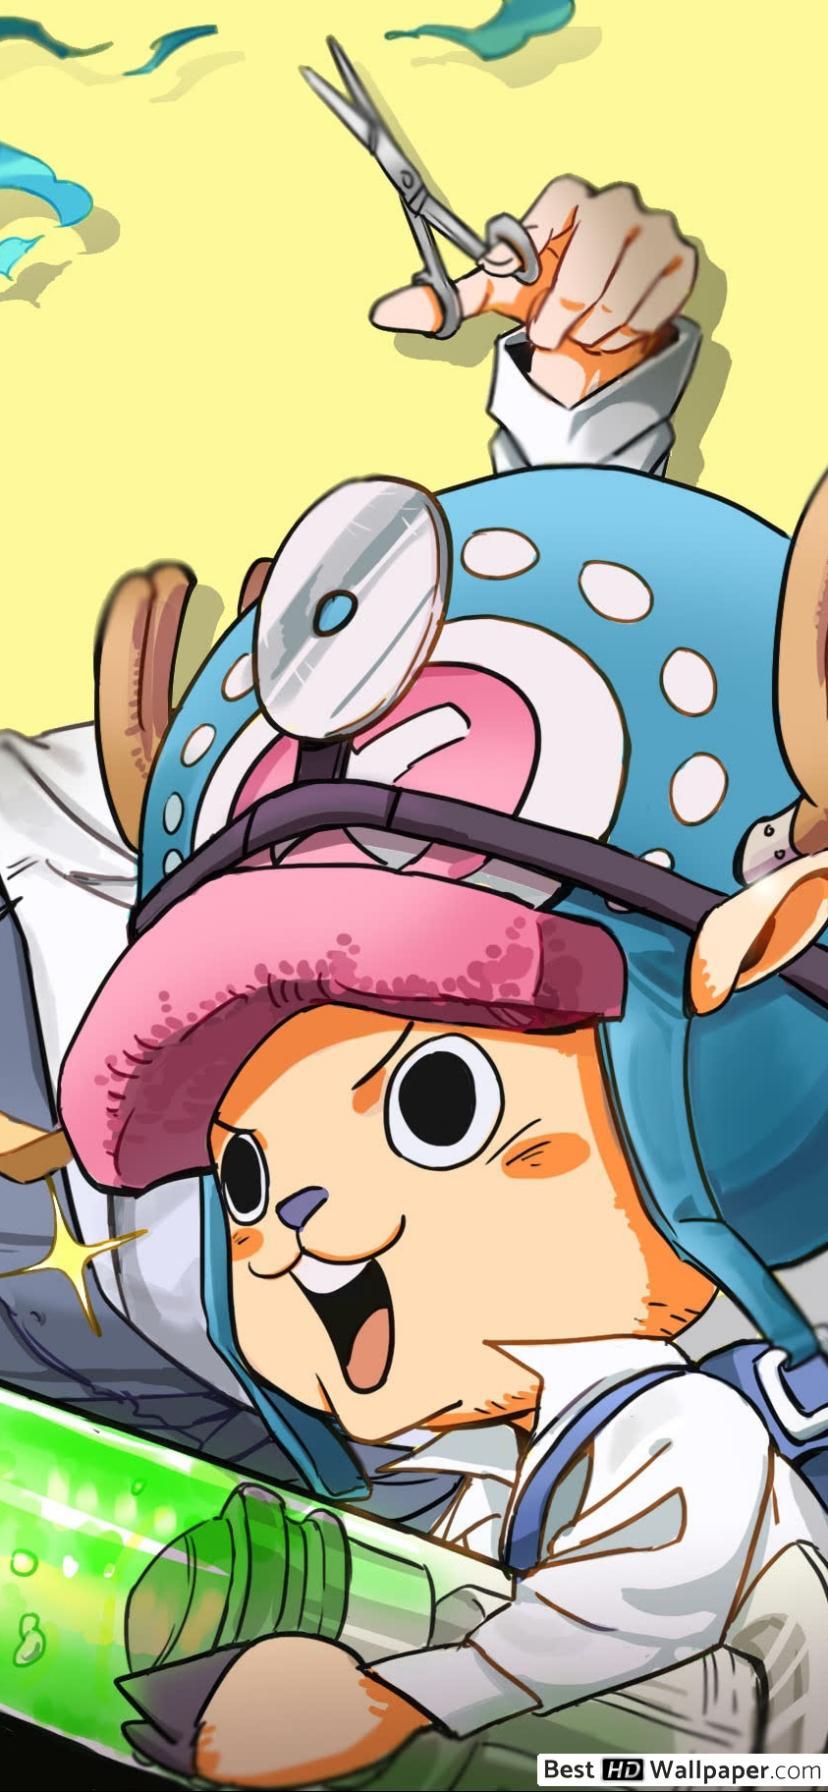 Chopper One Piece Wallpaper 828x1792 Download Hd Wallpaper Wallpapertip